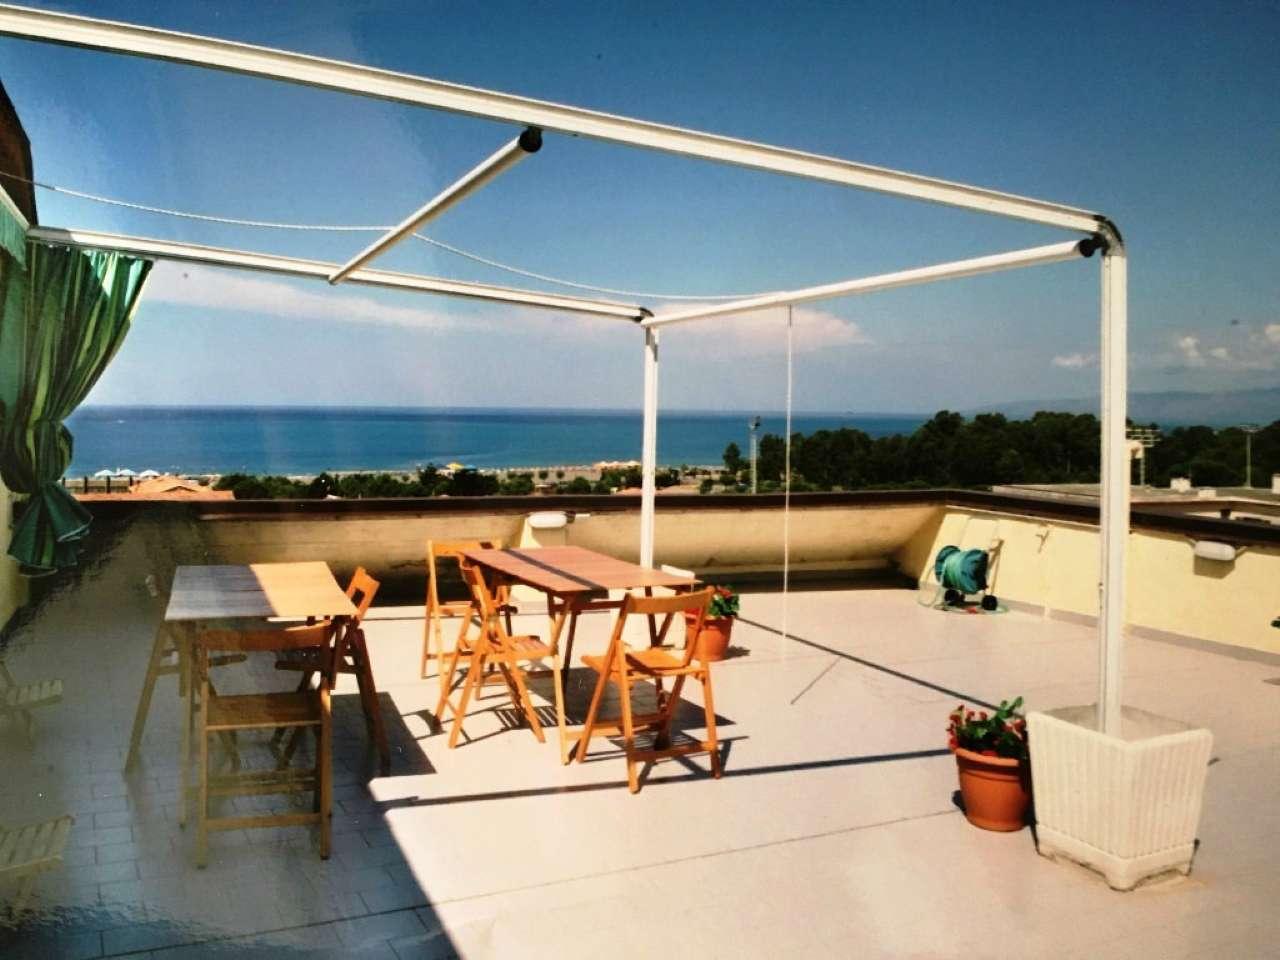 praia-a-mare vendita quart:  leonardo-immobiliare-agenzia-napoli